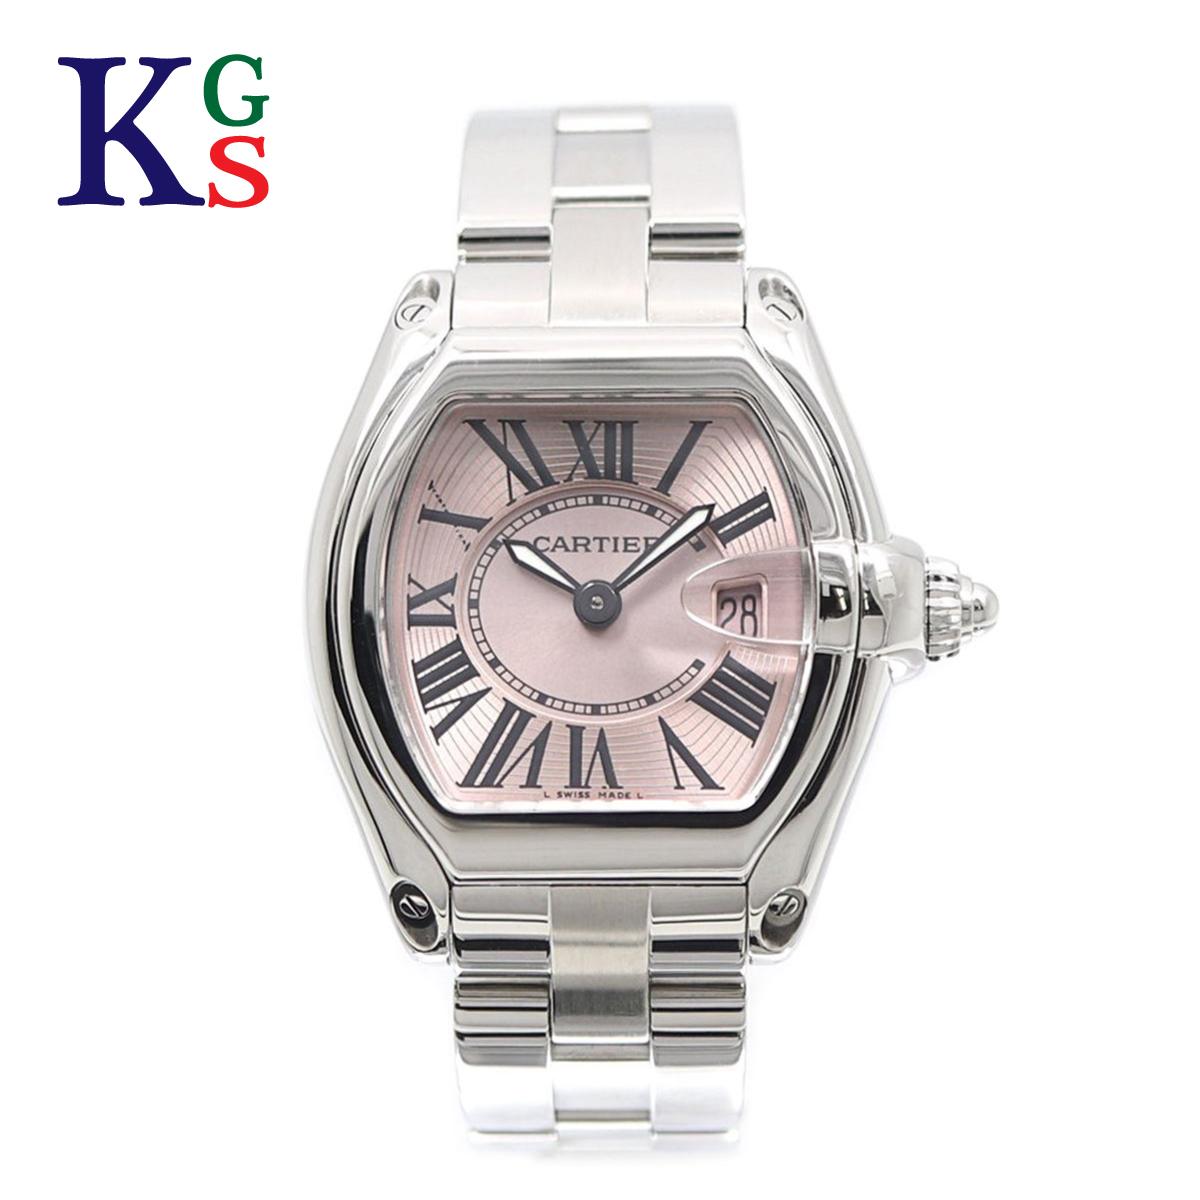 【ギフト品質】カルティエ/Cartier レディース 腕時計 ロードスターSM ピンク文字盤 ステンレススチール クオーツ W62017V3